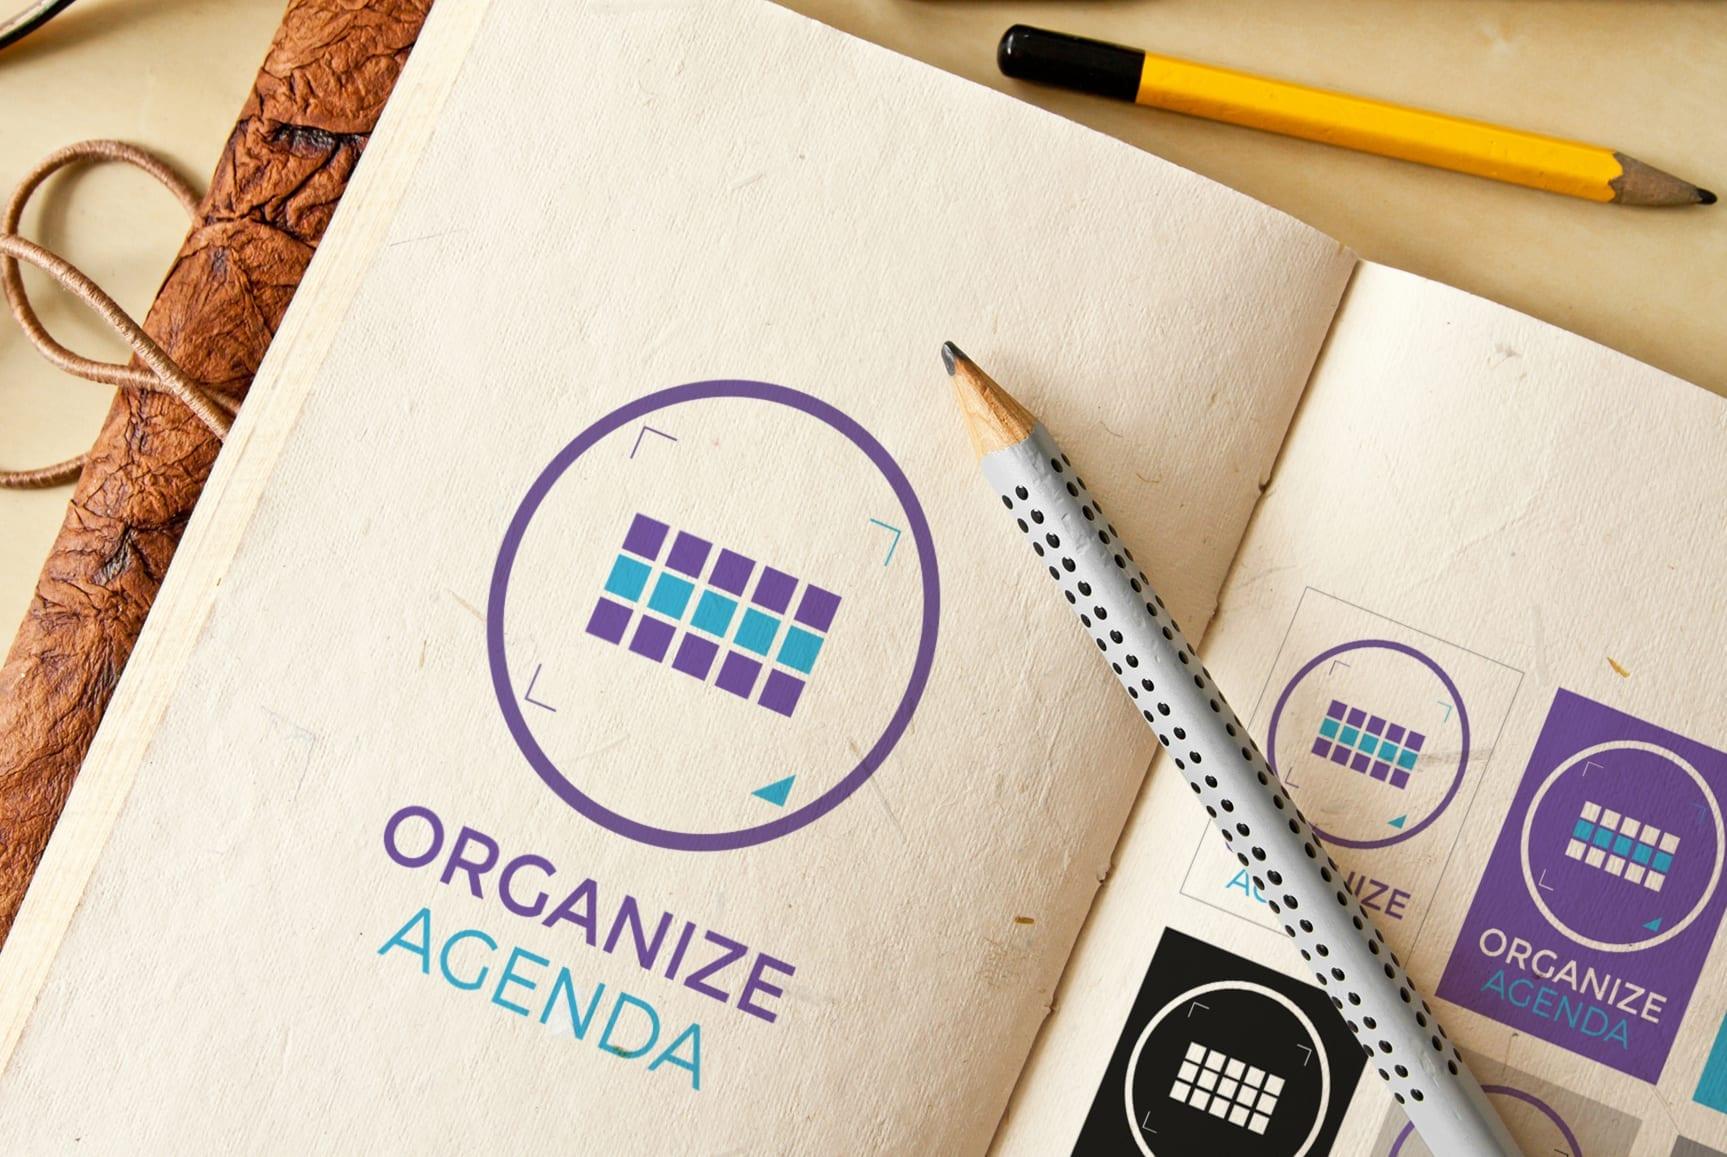 Pormenores da identidade visual da empresa Organize Agenda